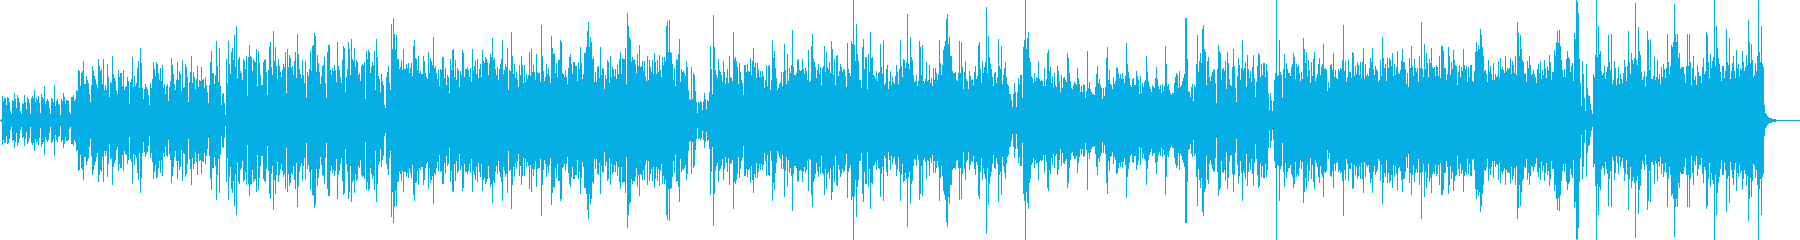 ピアノのリフが印象的なエレクトロの再生済みの波形